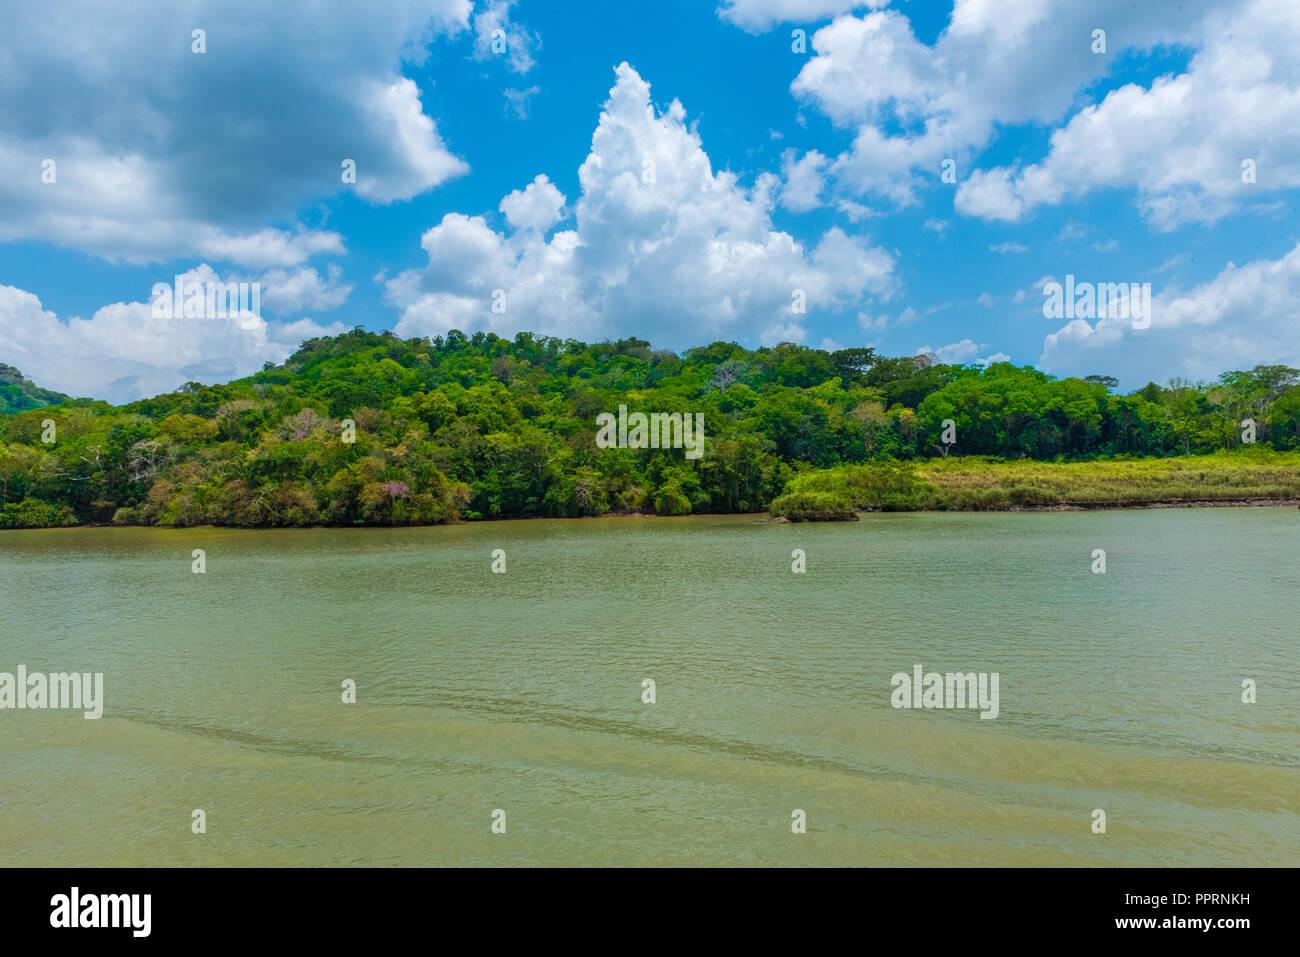 Piccolo albero riempito le isole che punteggiano il paesaggio del Lago di Gatun nel Canale di Panama complesso. Immagini Stock